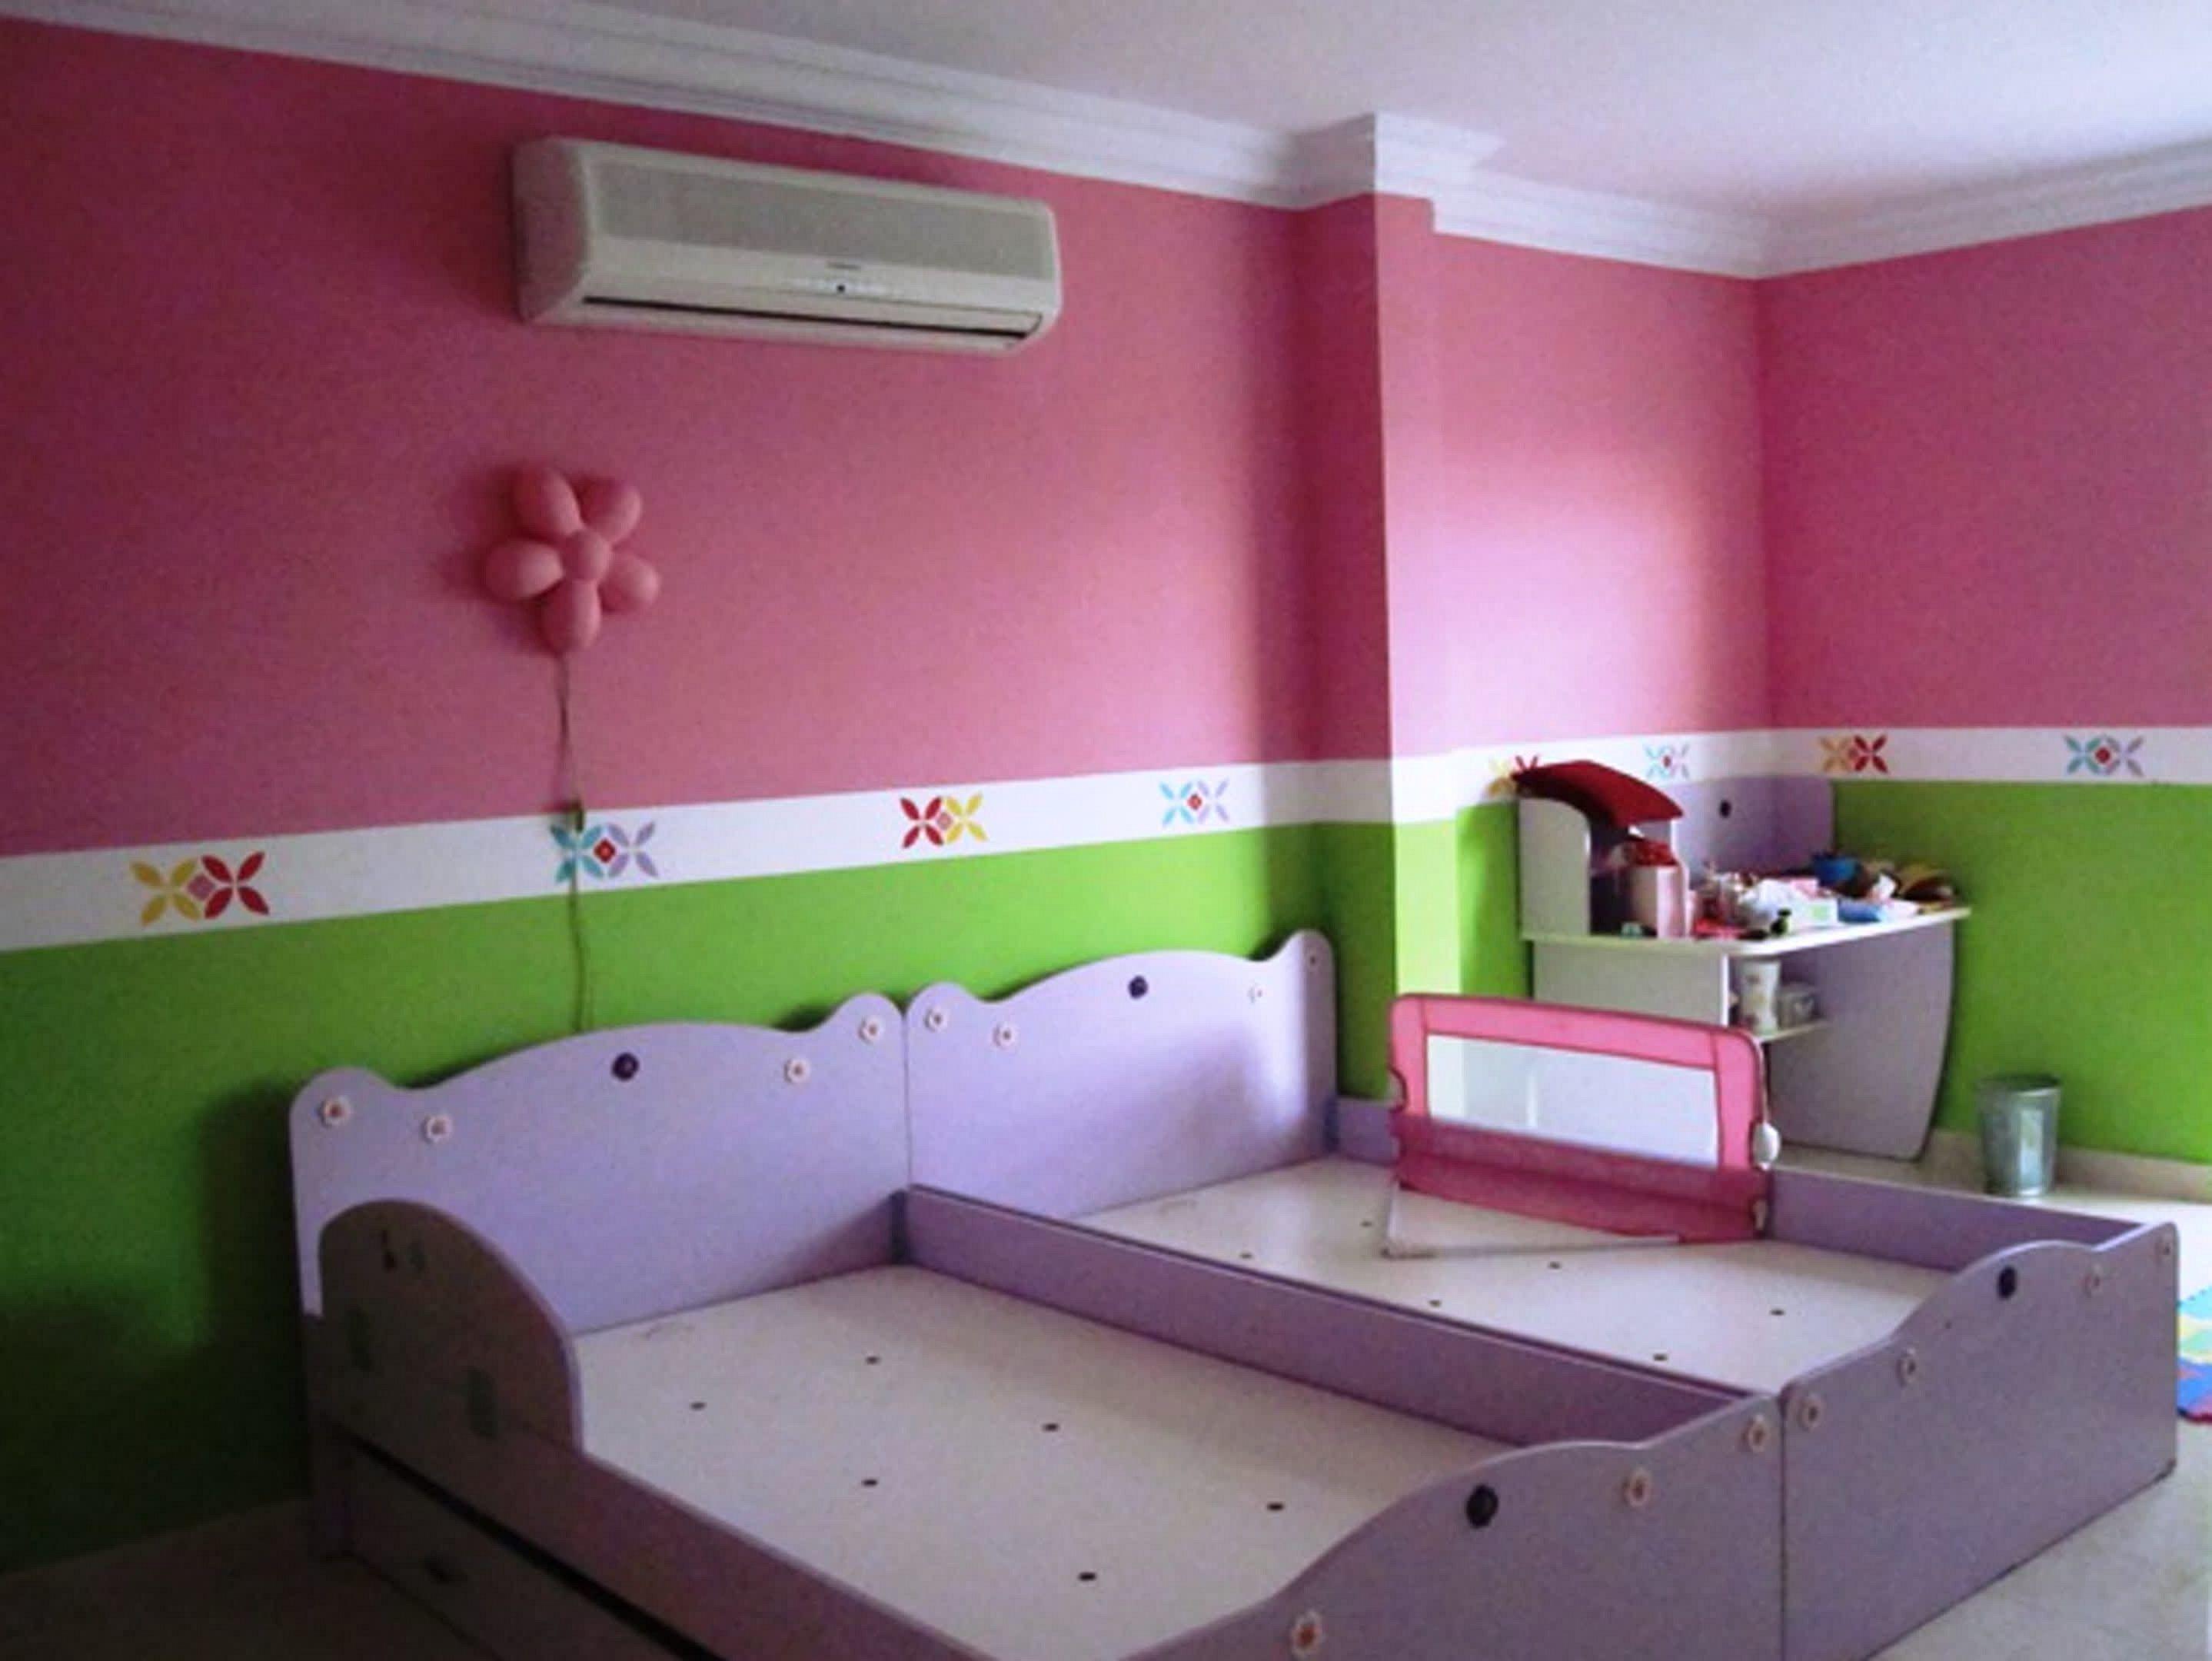 mädchen schlafzimmer malen ideen weiß grauen farben